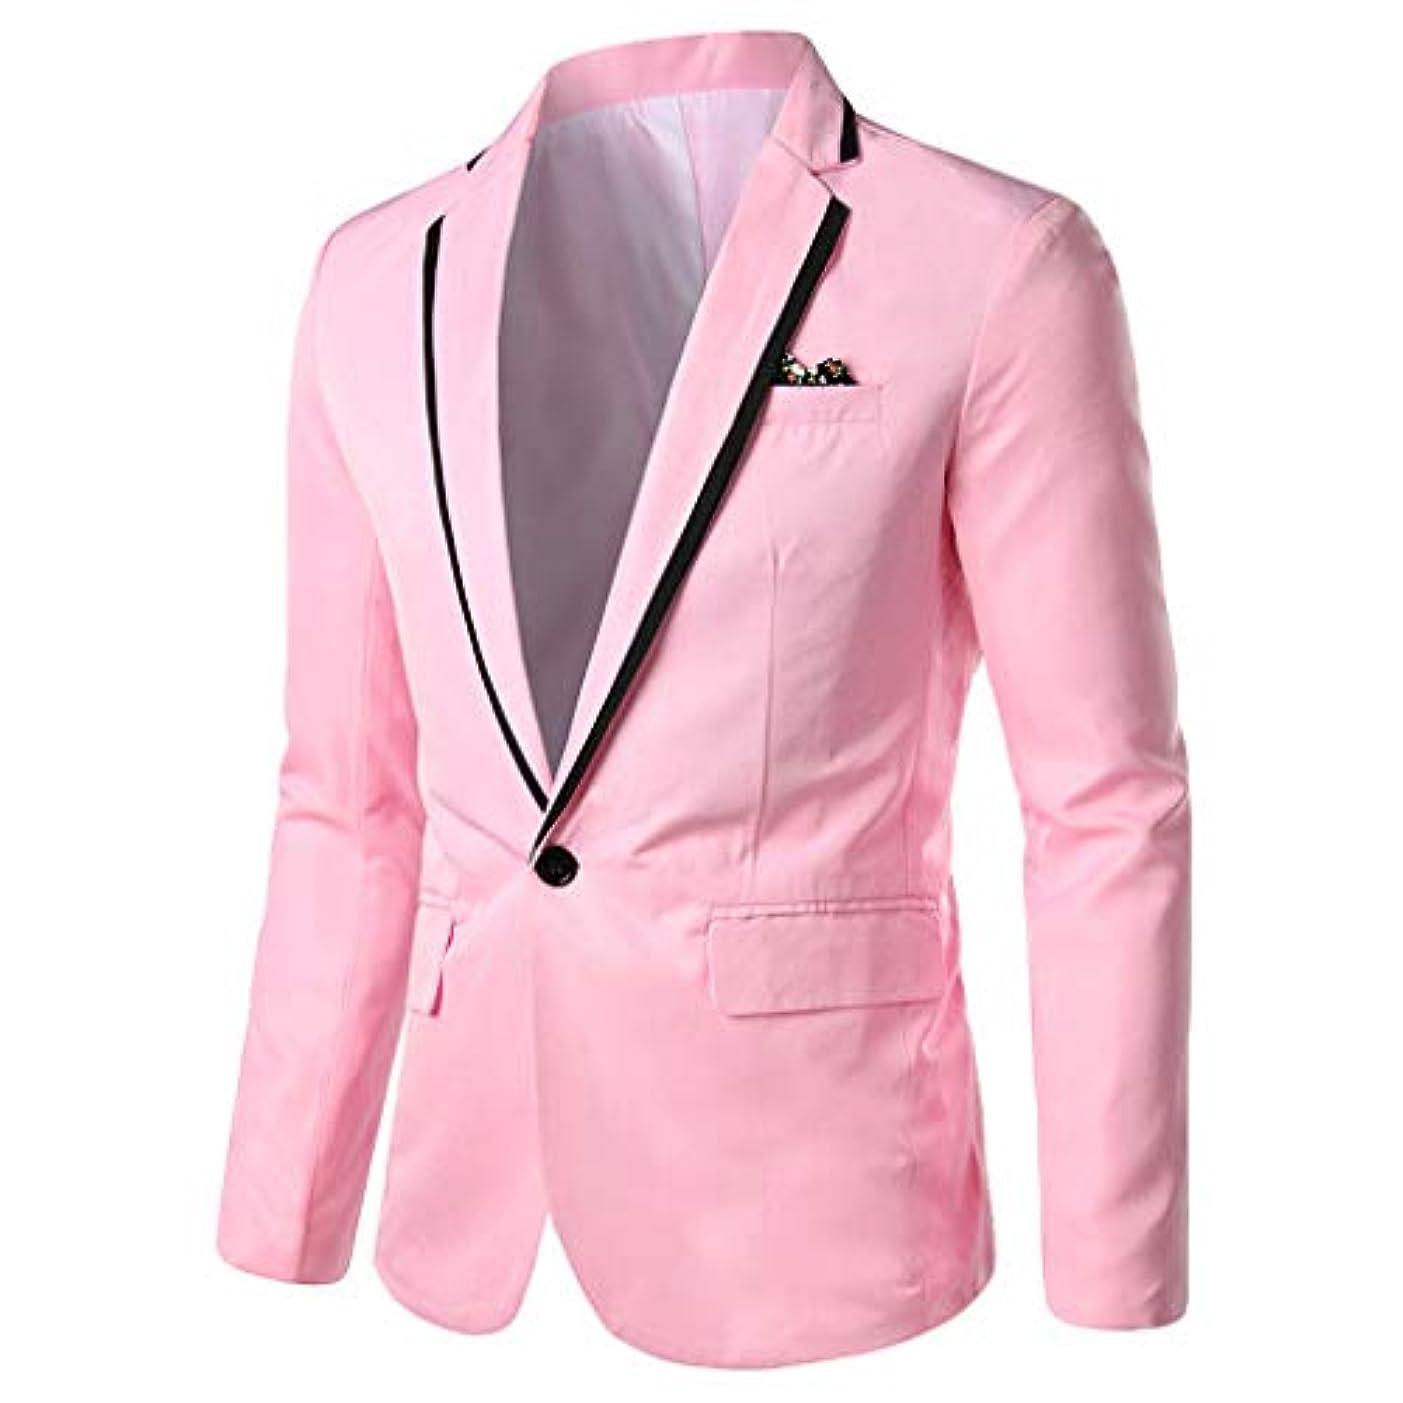 常識共和国担当者メンズ スタイリッシュ カジュアル ソリッド ブレザー ビジネス ウェディング パーティー アウター コート スーツ トップス 着心地抜群 カジュアル スリム 四季 ファッション 大きいサイズ